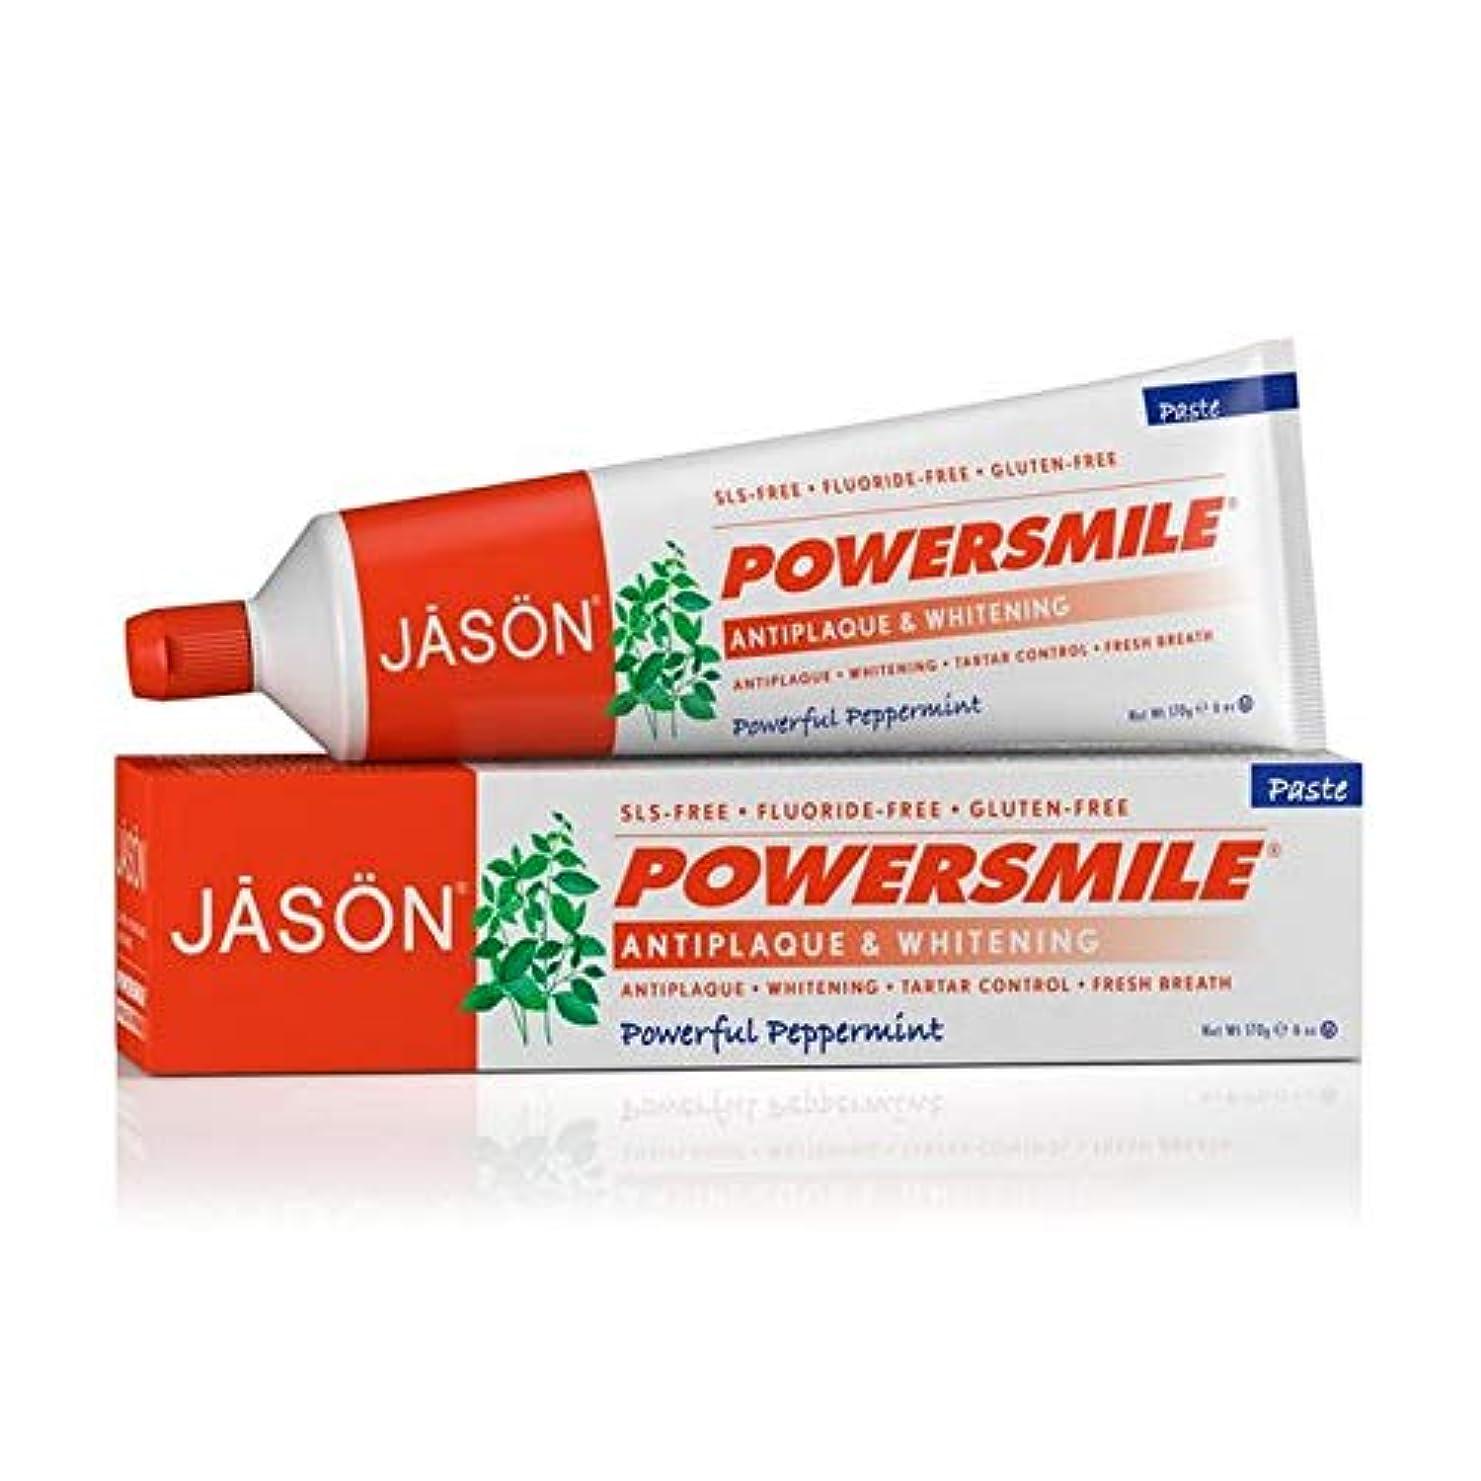 水決めます聖職者[Jason ] ジェイソンPowersmile歯磨き粉の170グラム - Jason Powersmile Toothpaste 170g [並行輸入品]